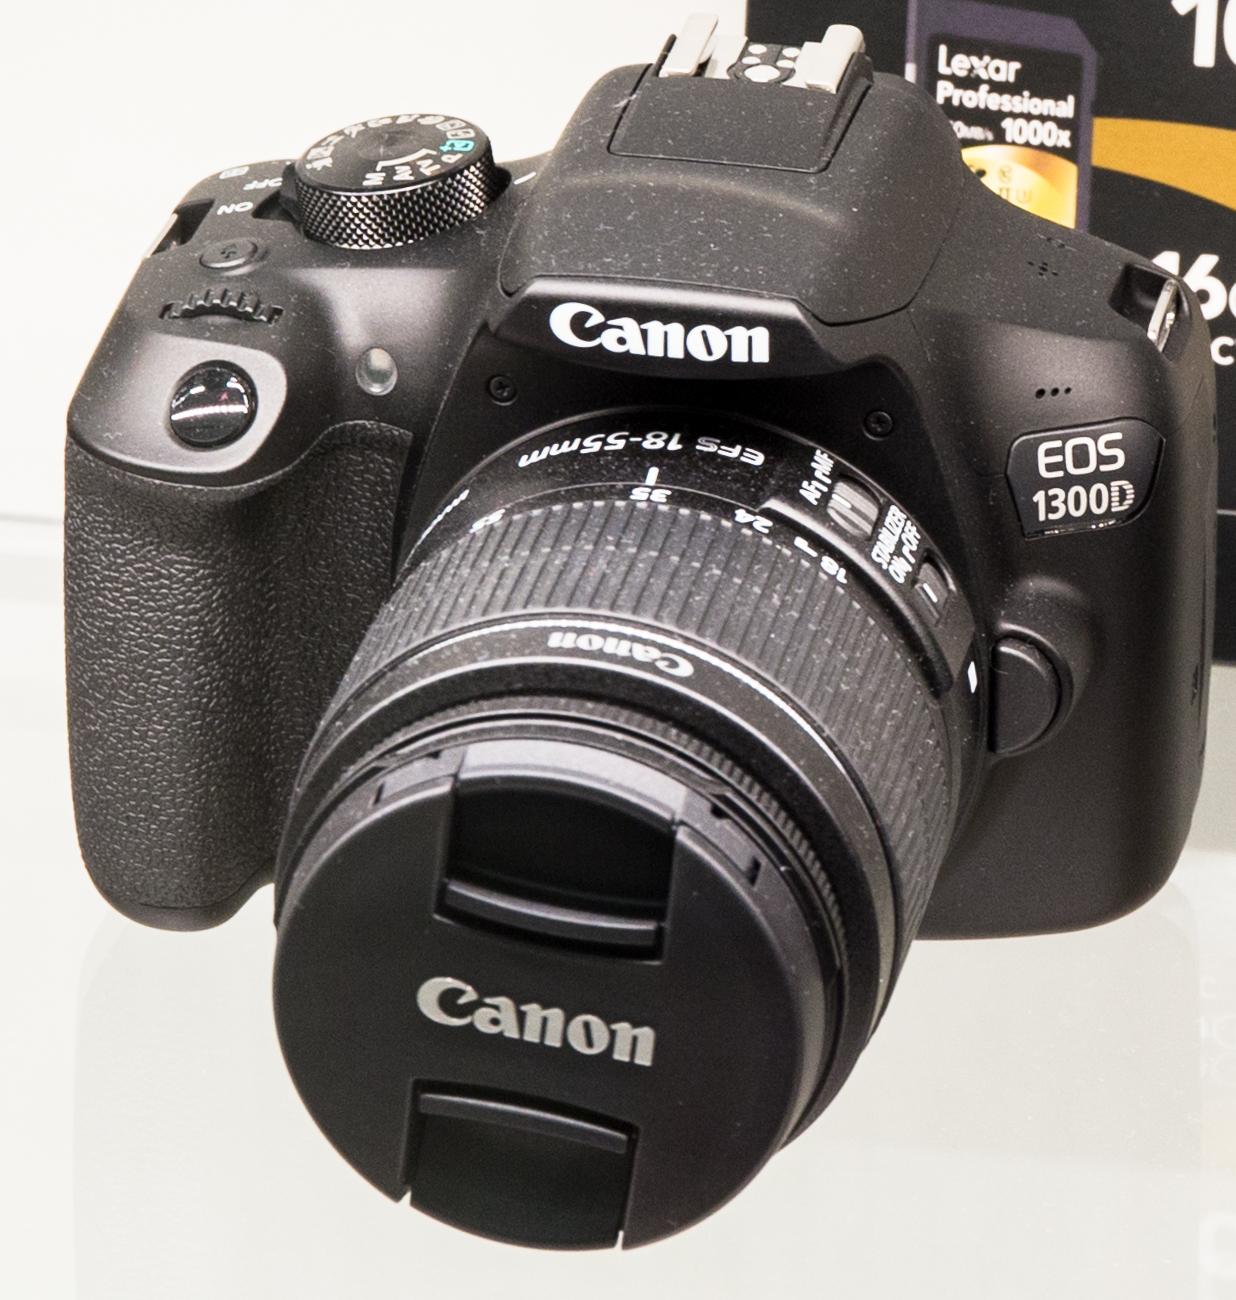 Canon EOS 1300D - Wikipedia